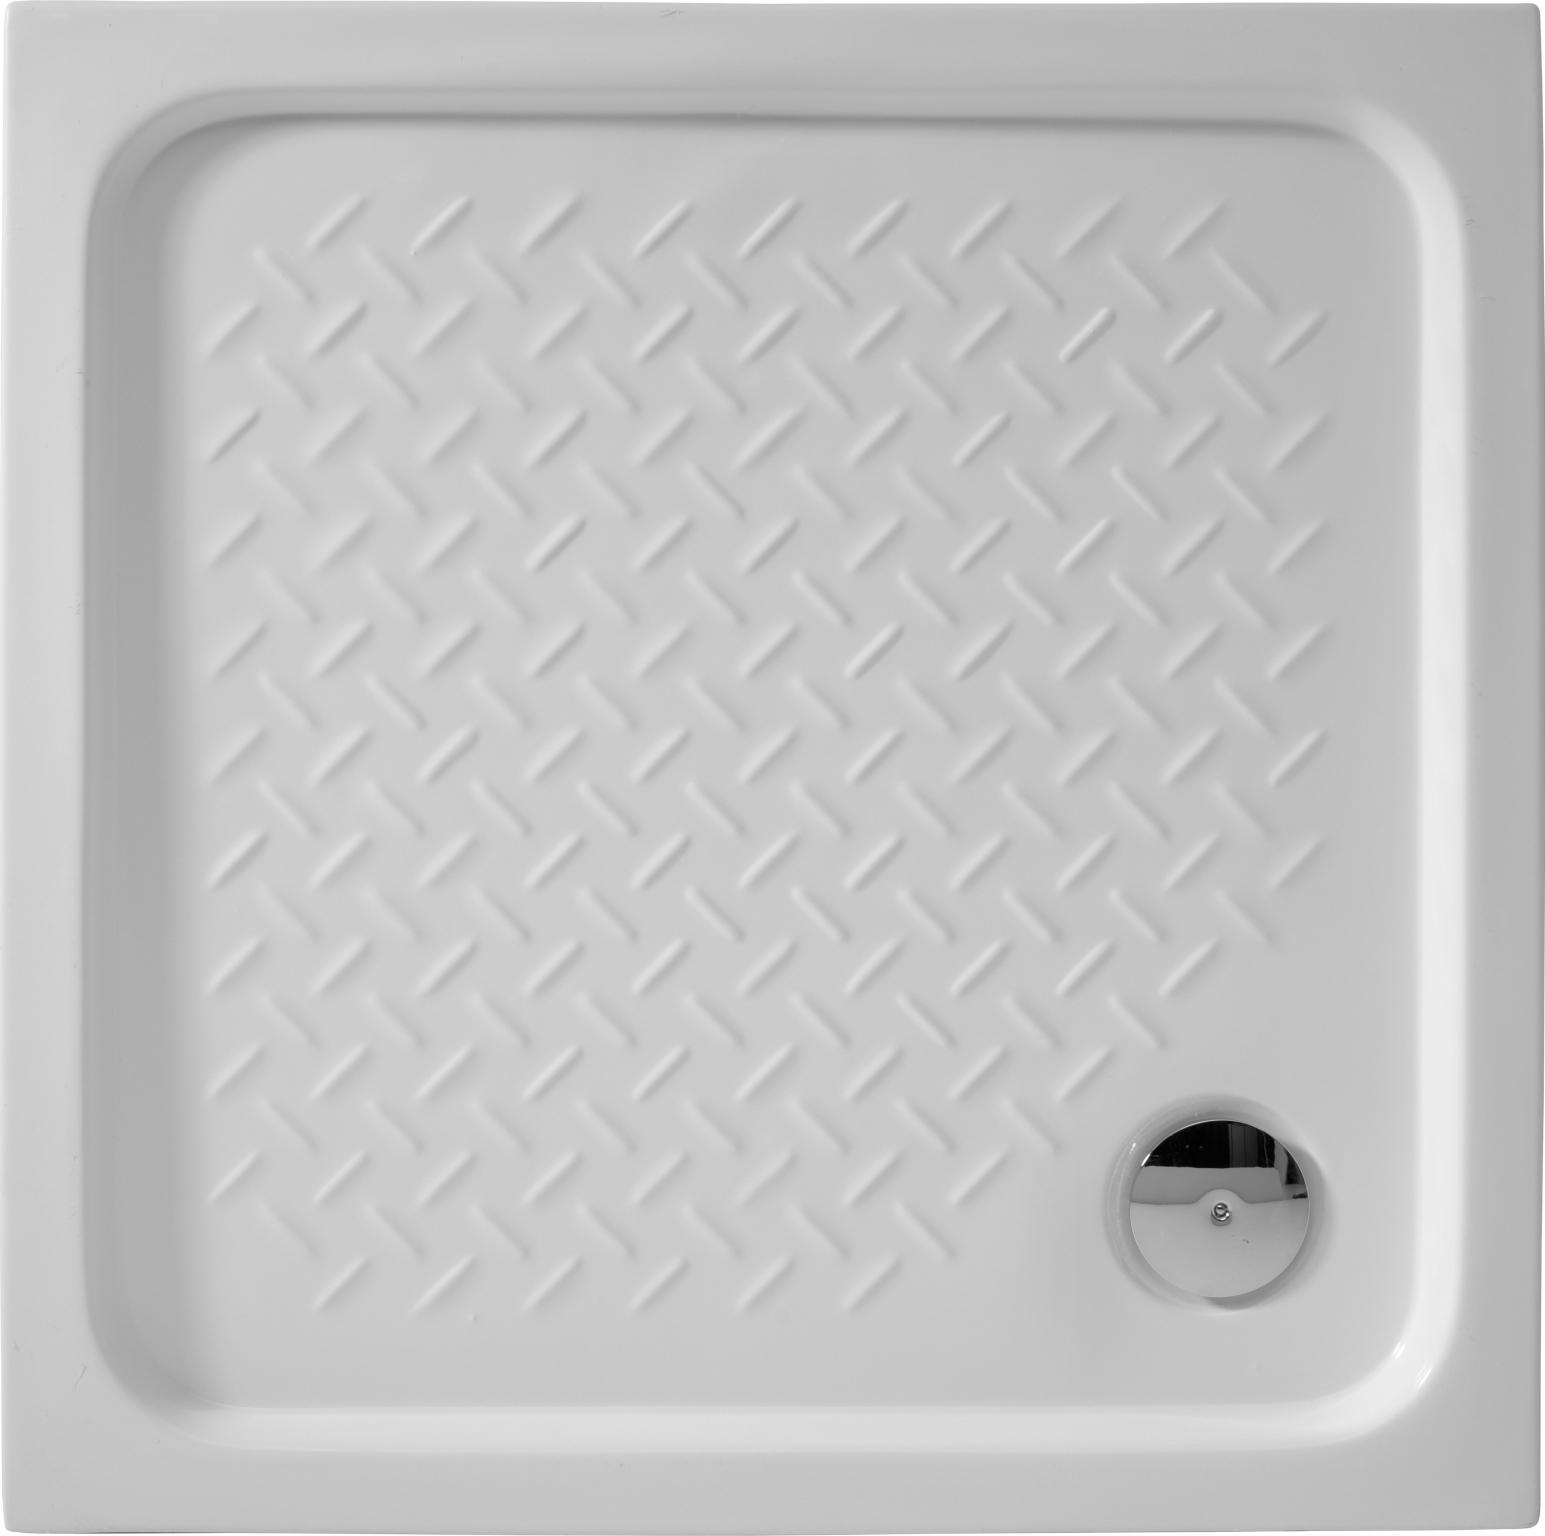 Квадратный душевой поддон De Aqua  80x80 см (MPD8080-4)